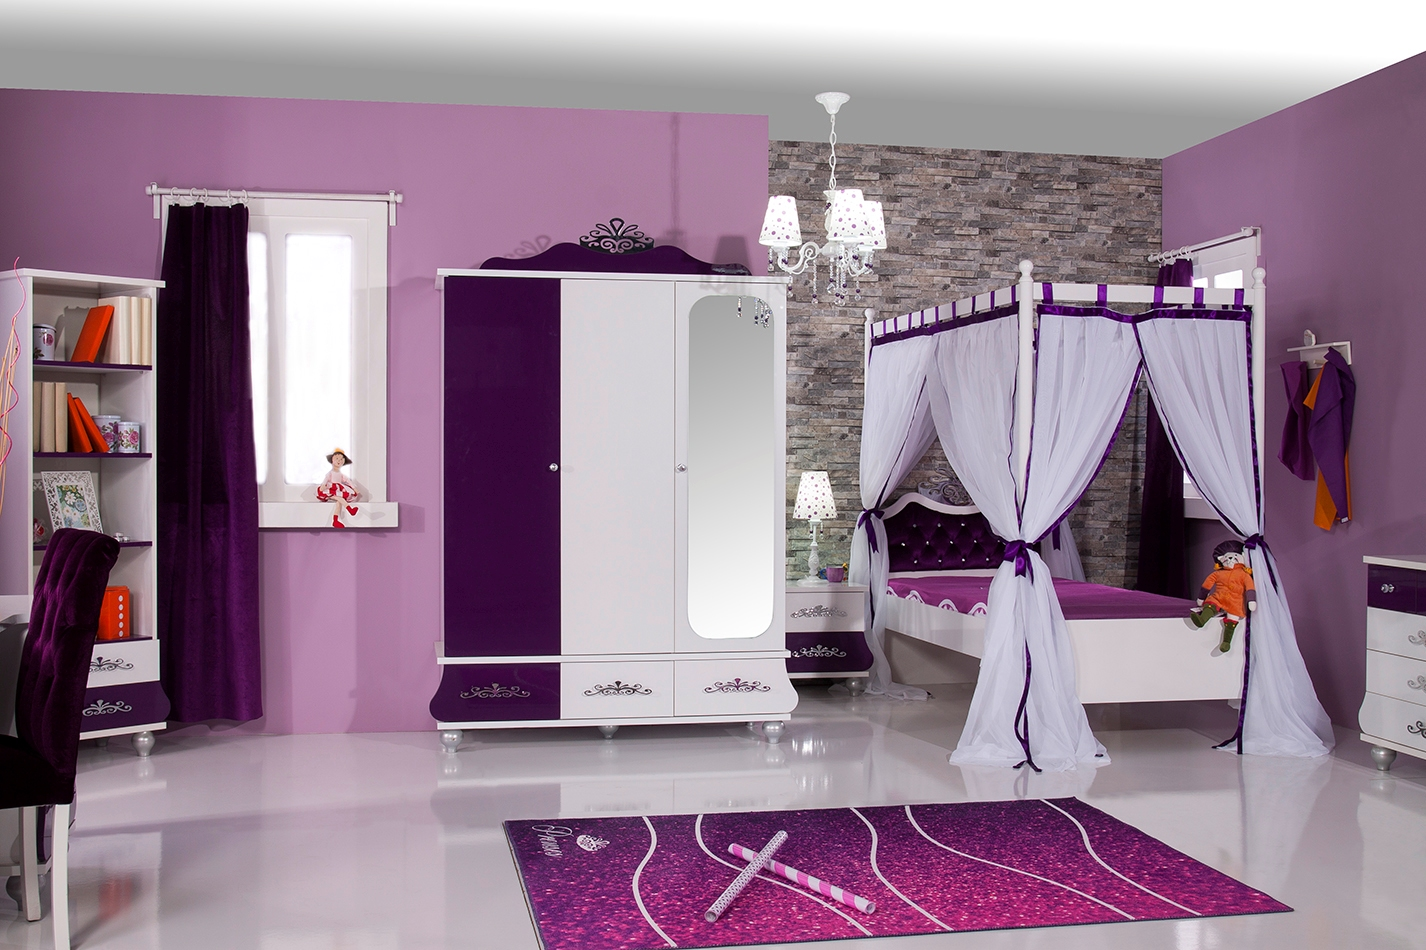 kinderkamer prinses specialist in kinderkamers en slaapkamers, Meubels Ideeën